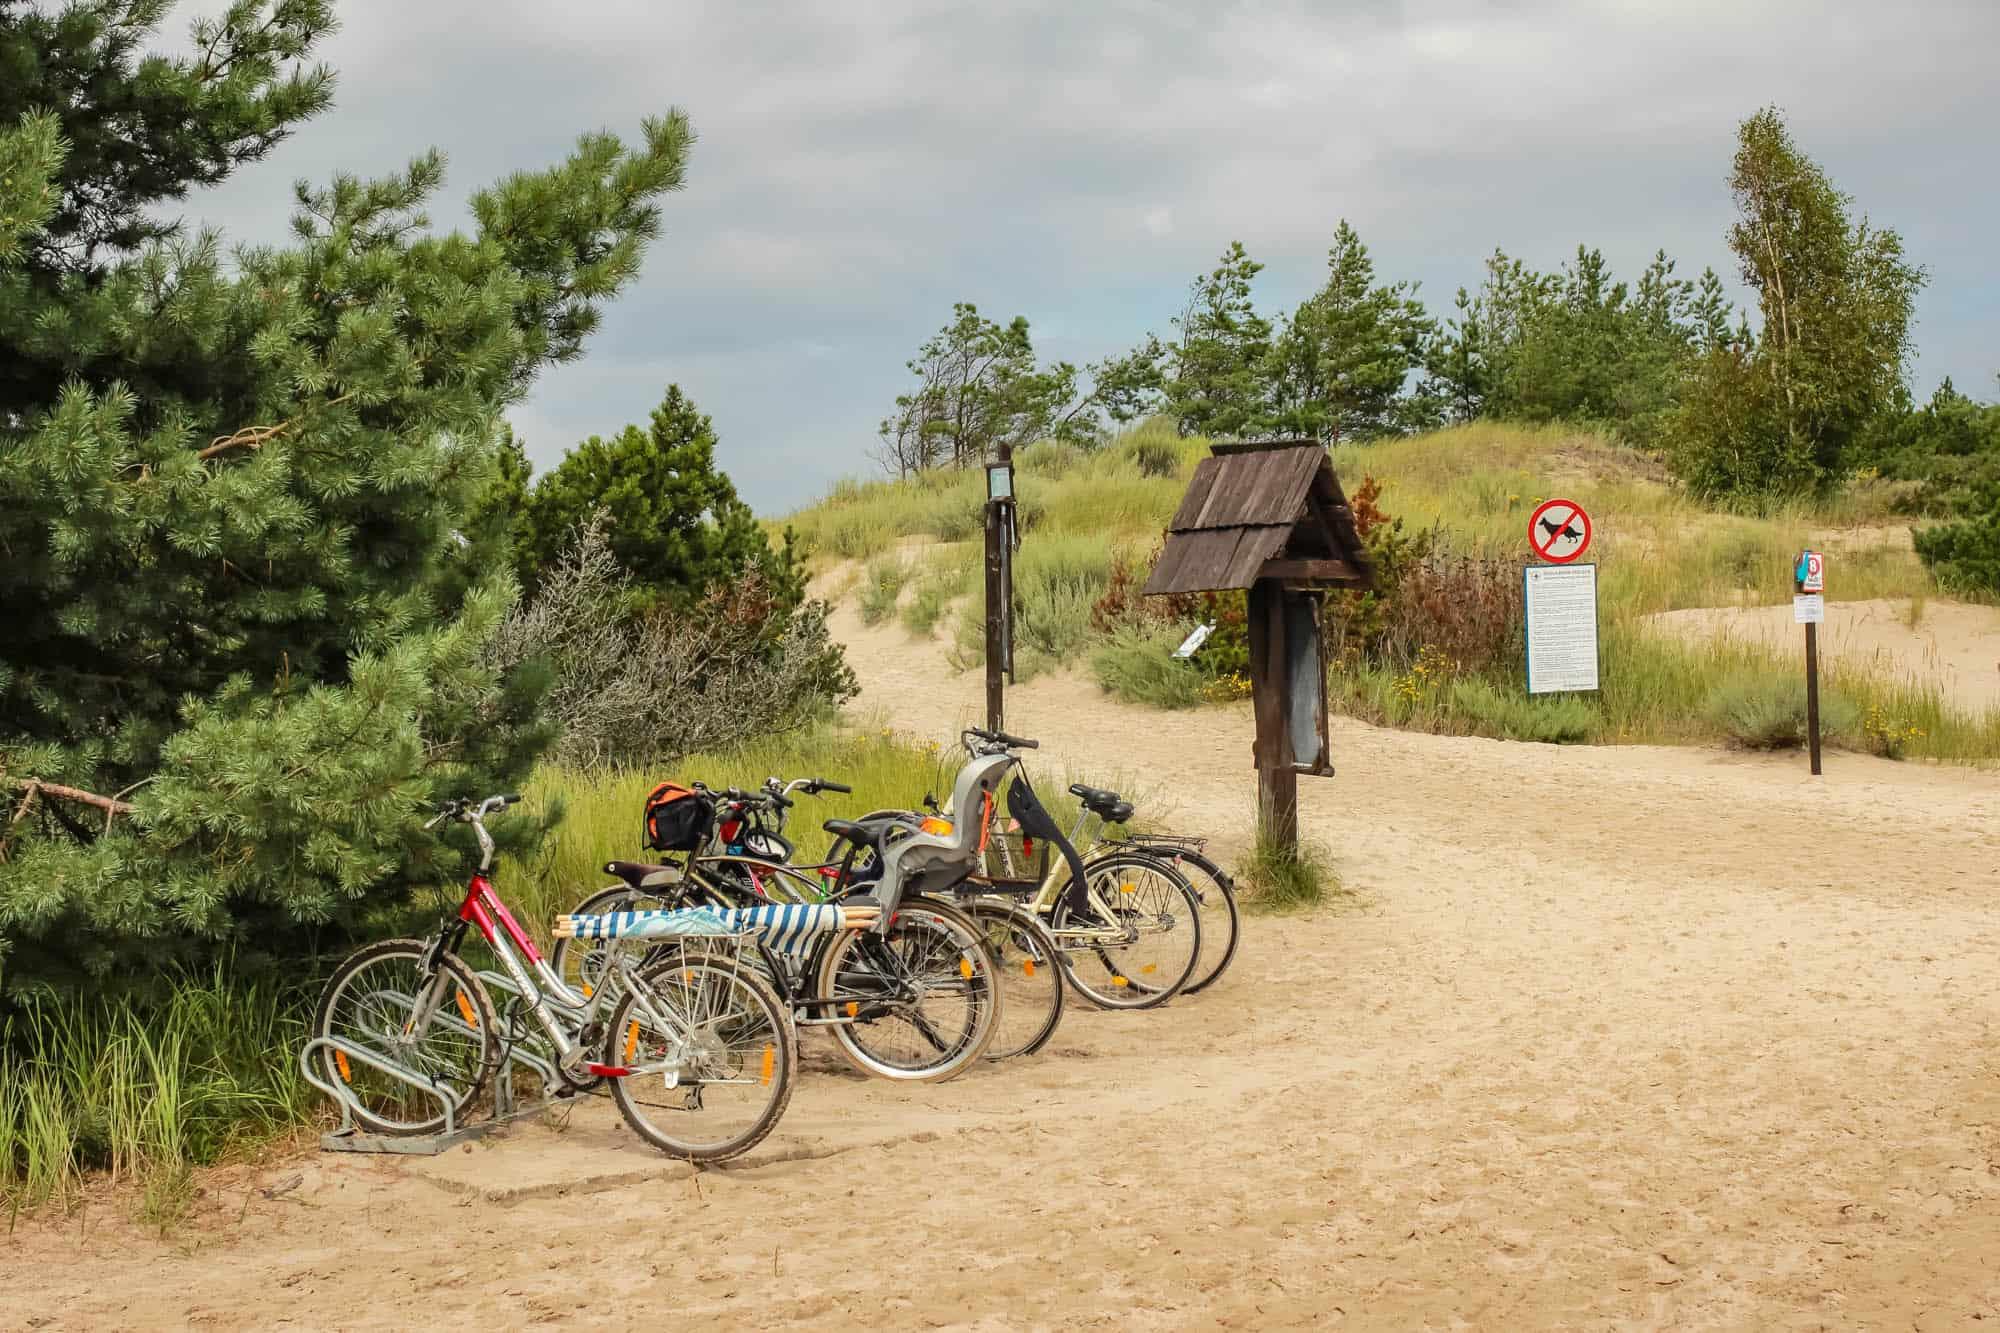 Atrakcje dla aktywnych - Ustka - Trasy rowerowe